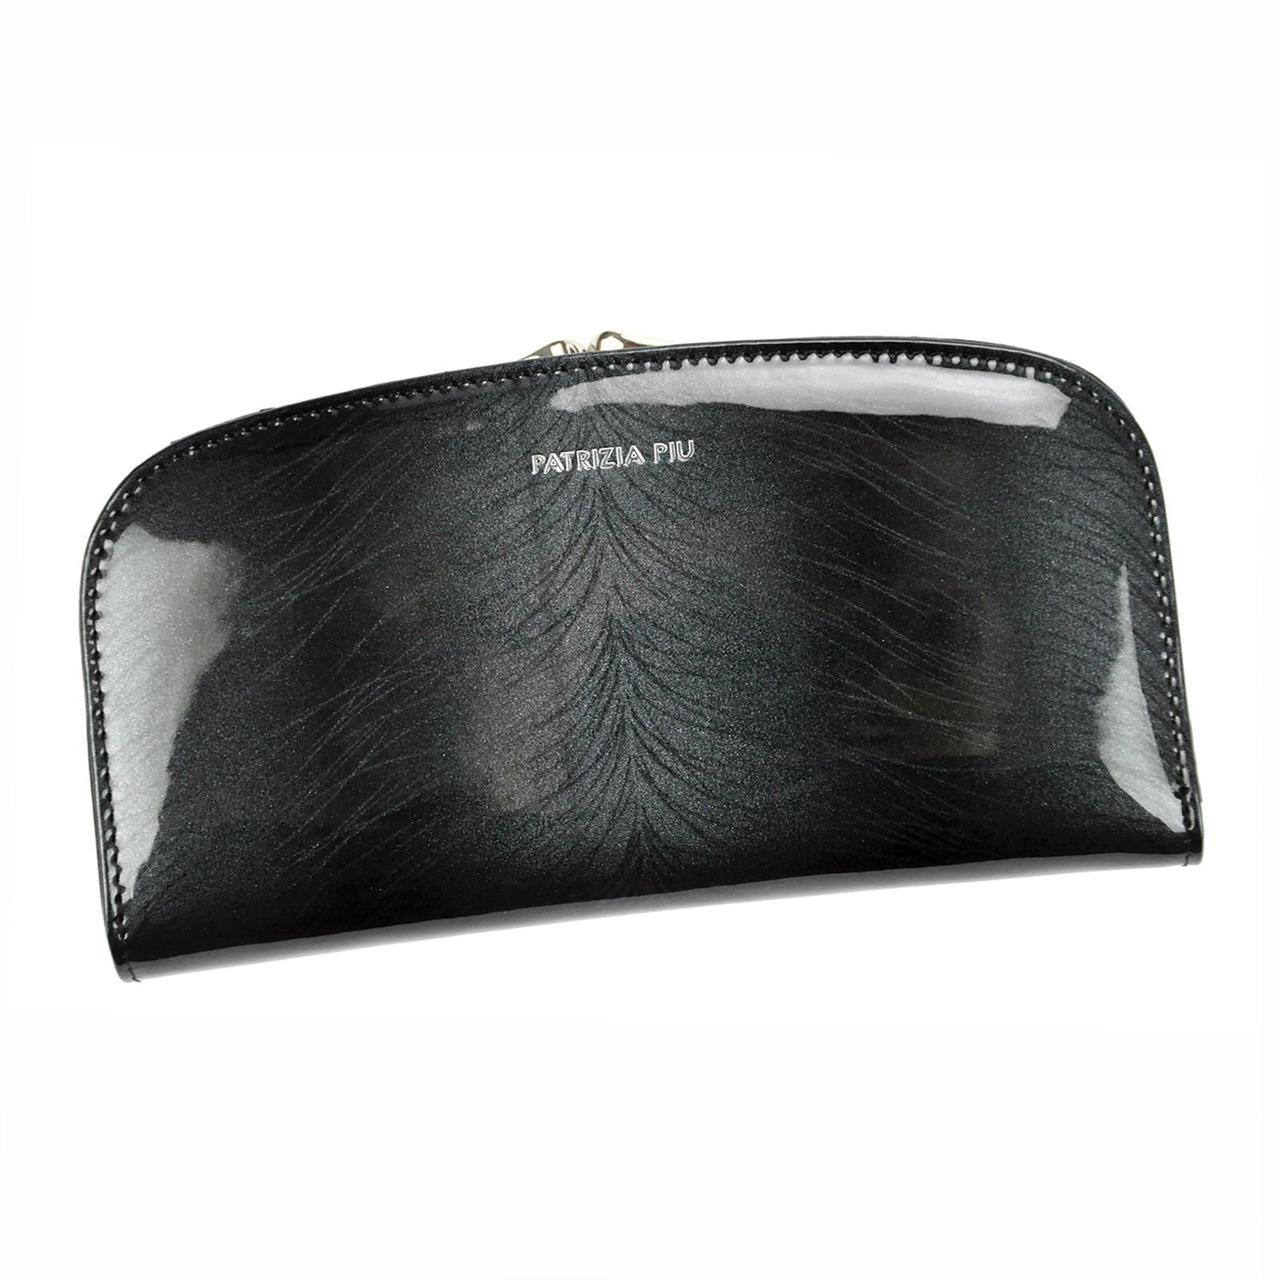 Жіночий шкіряний гаманець Patrizia Piu FF-123 RFID Темно-сірий